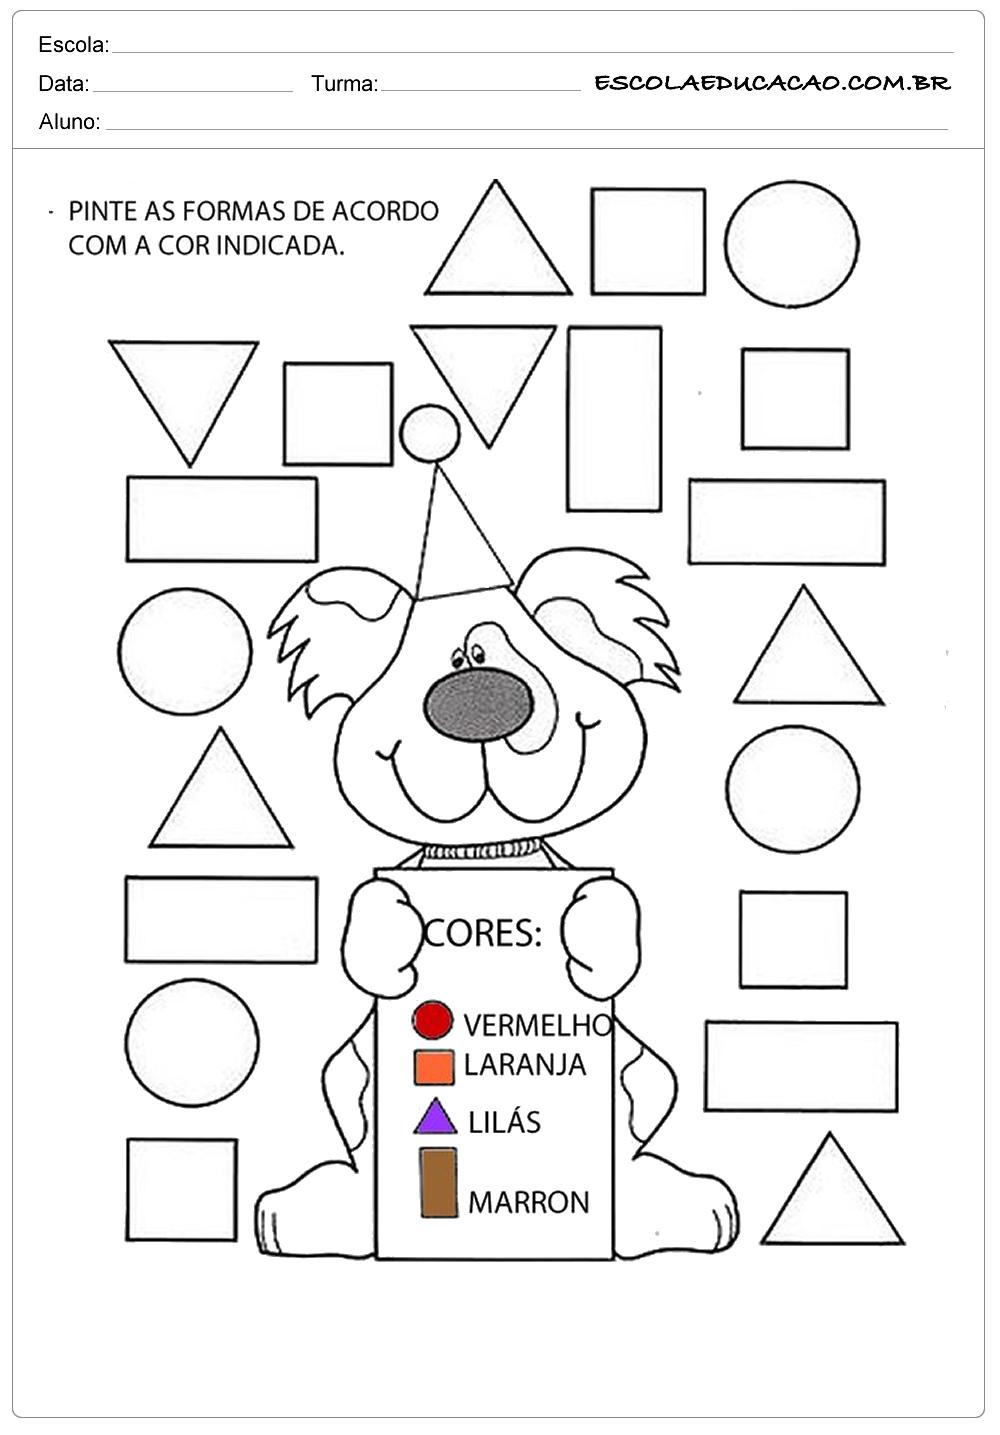 Atividades com formas geométricas pinte as formas de acordo com a cor